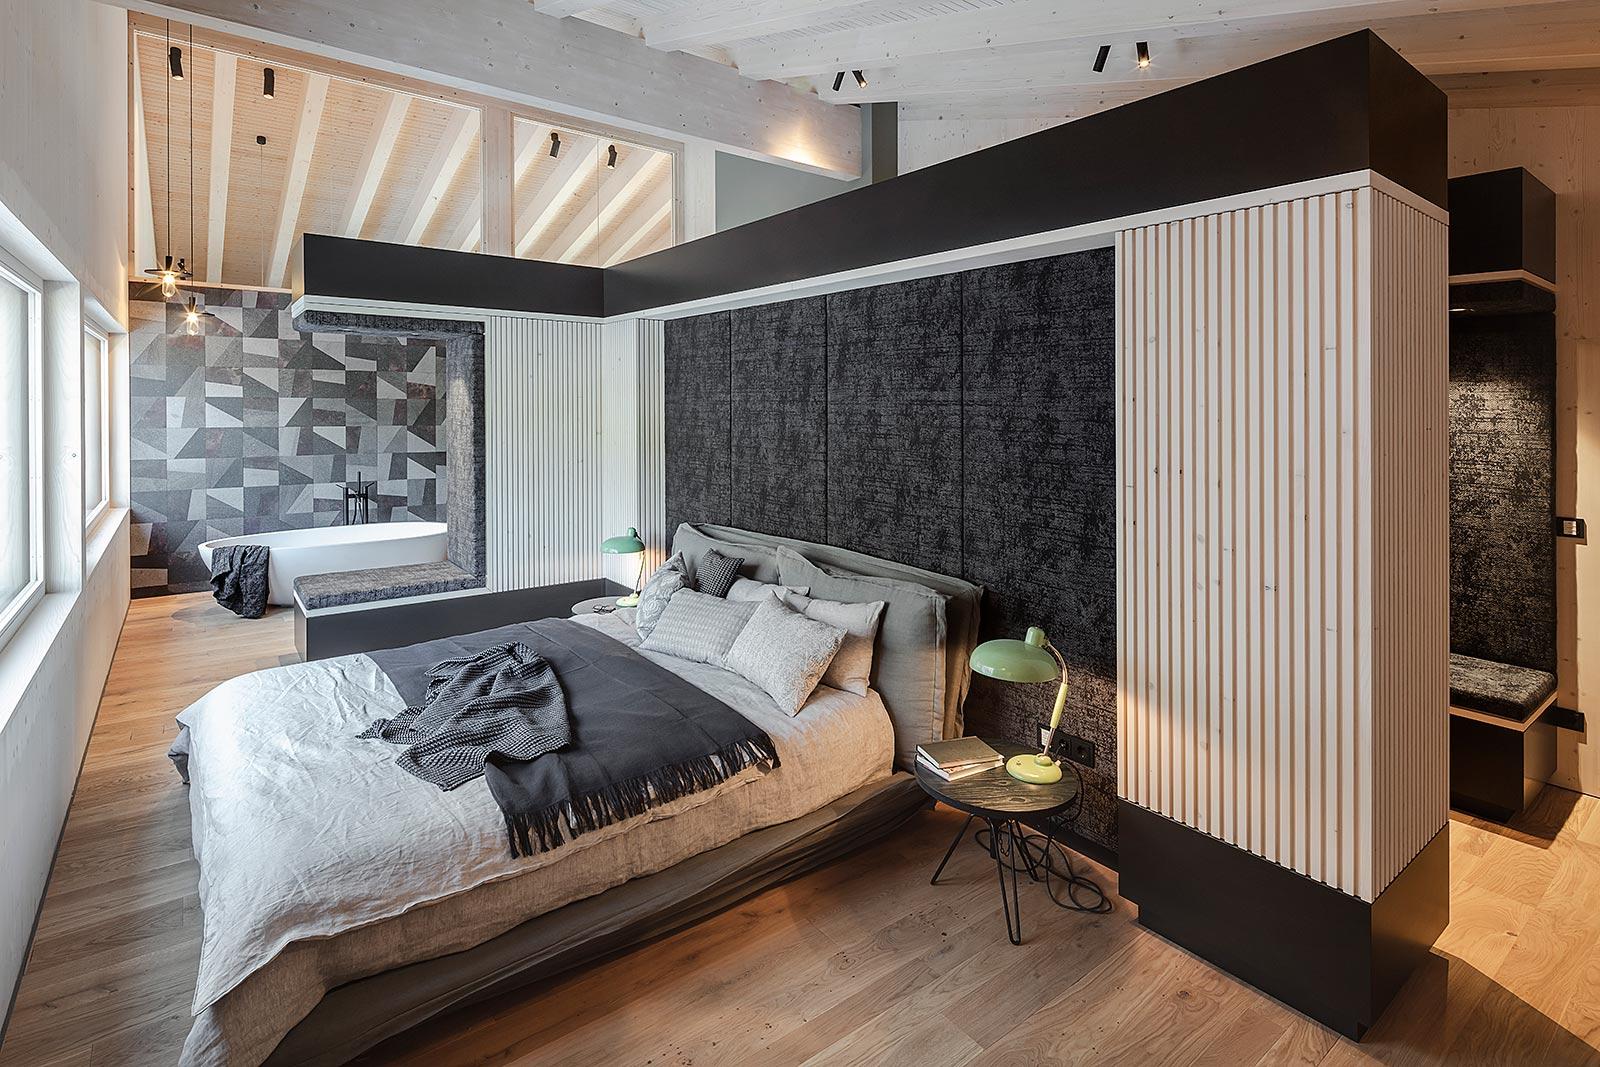 Schlafzimmer Badezimmer Architekturfotografie